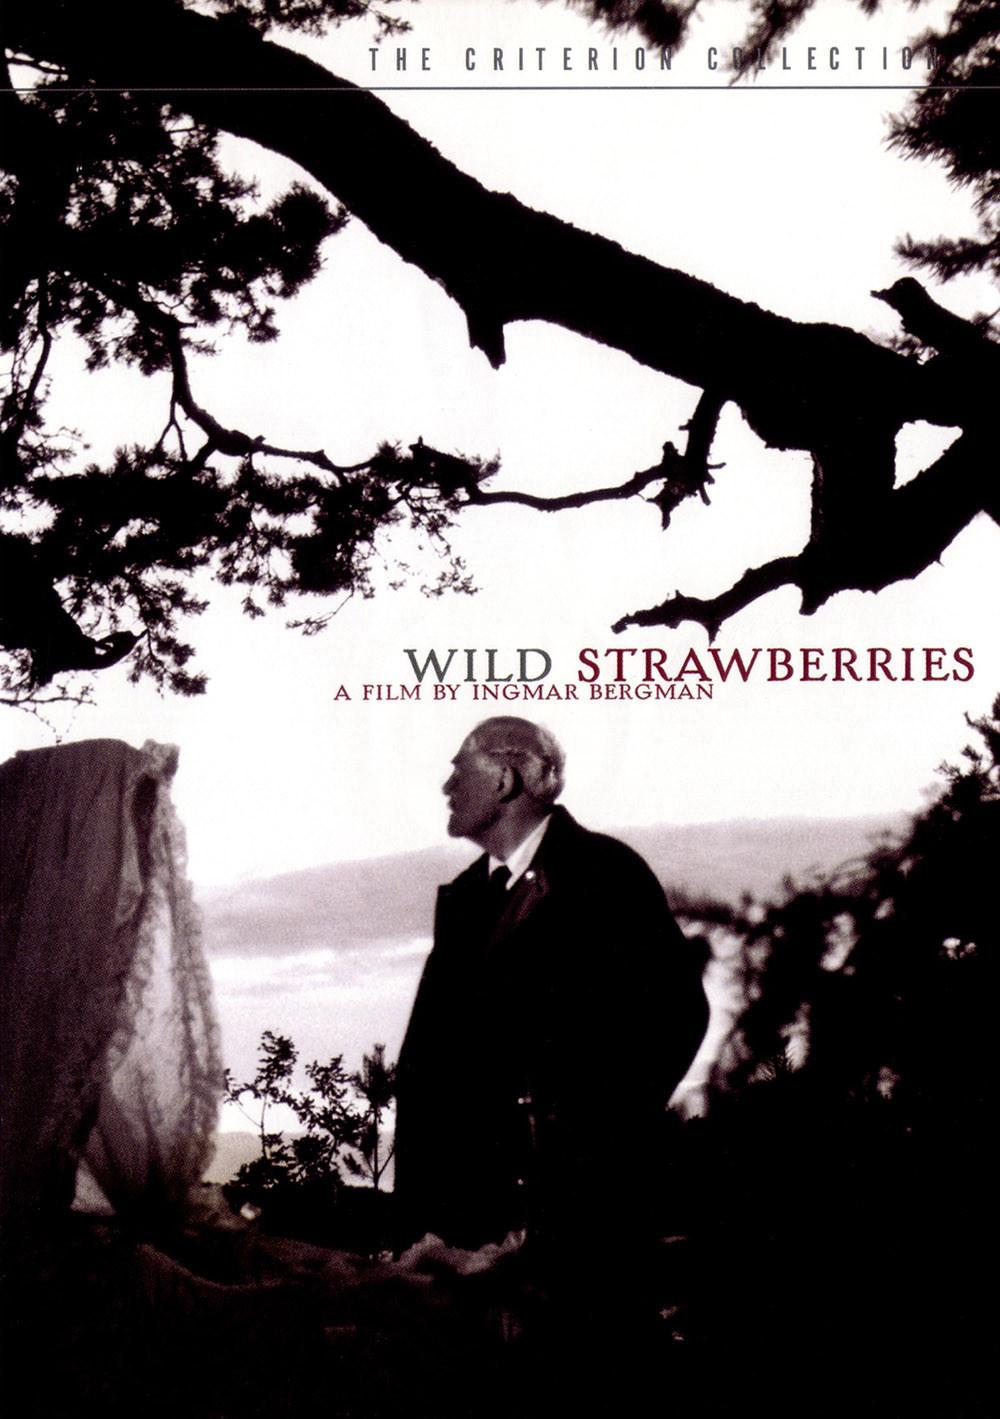 Wild Strawberries 1957 [imdb 8.3] OK. 2 awards. OK old